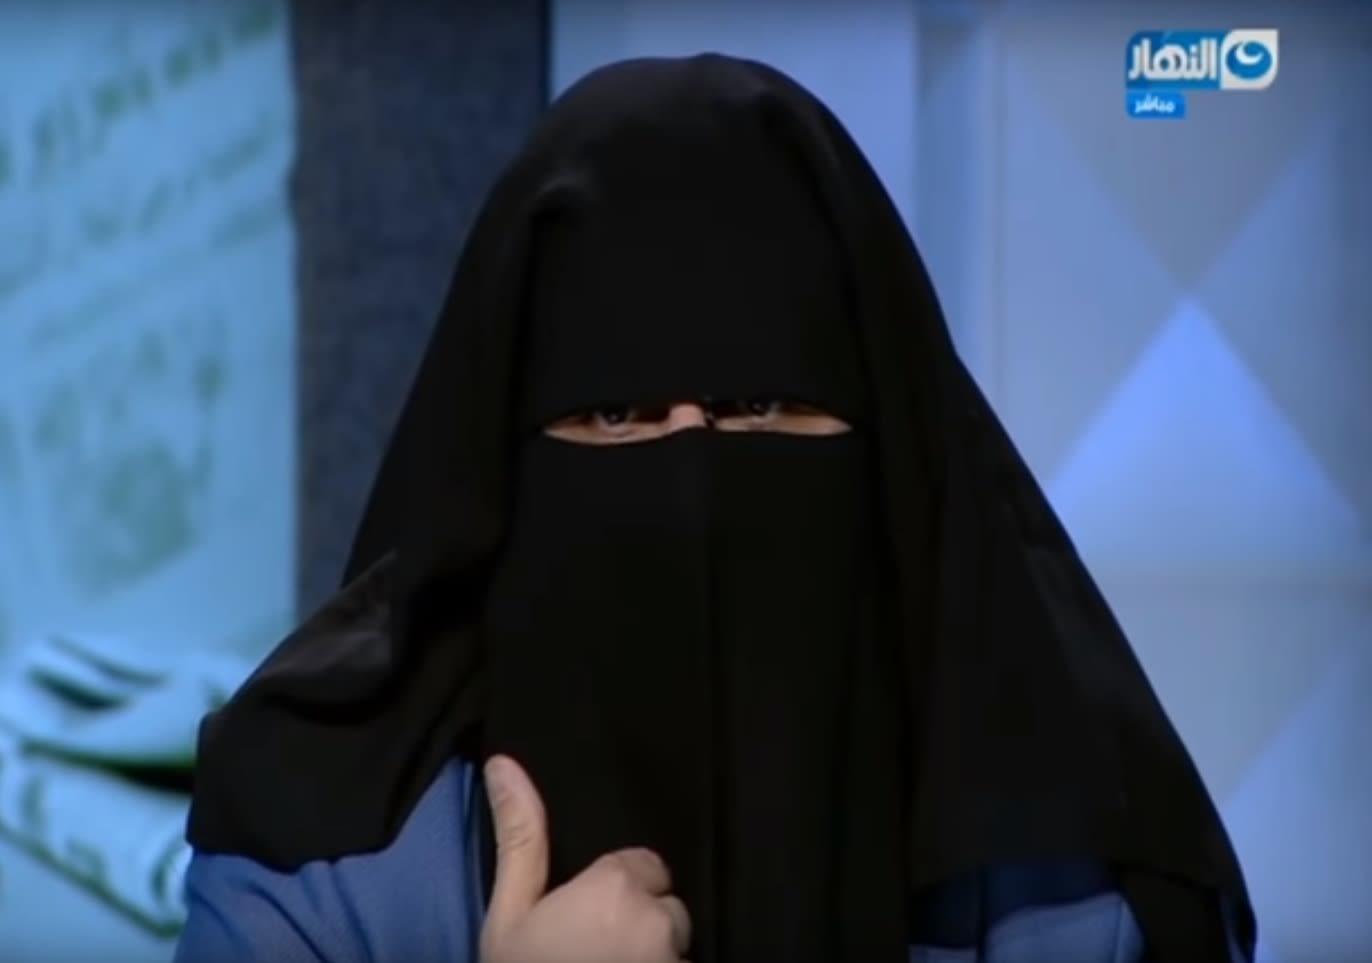 لماذا ارتدى الإعلامي المصري جابر القرموطي النقاب على الهواء؟